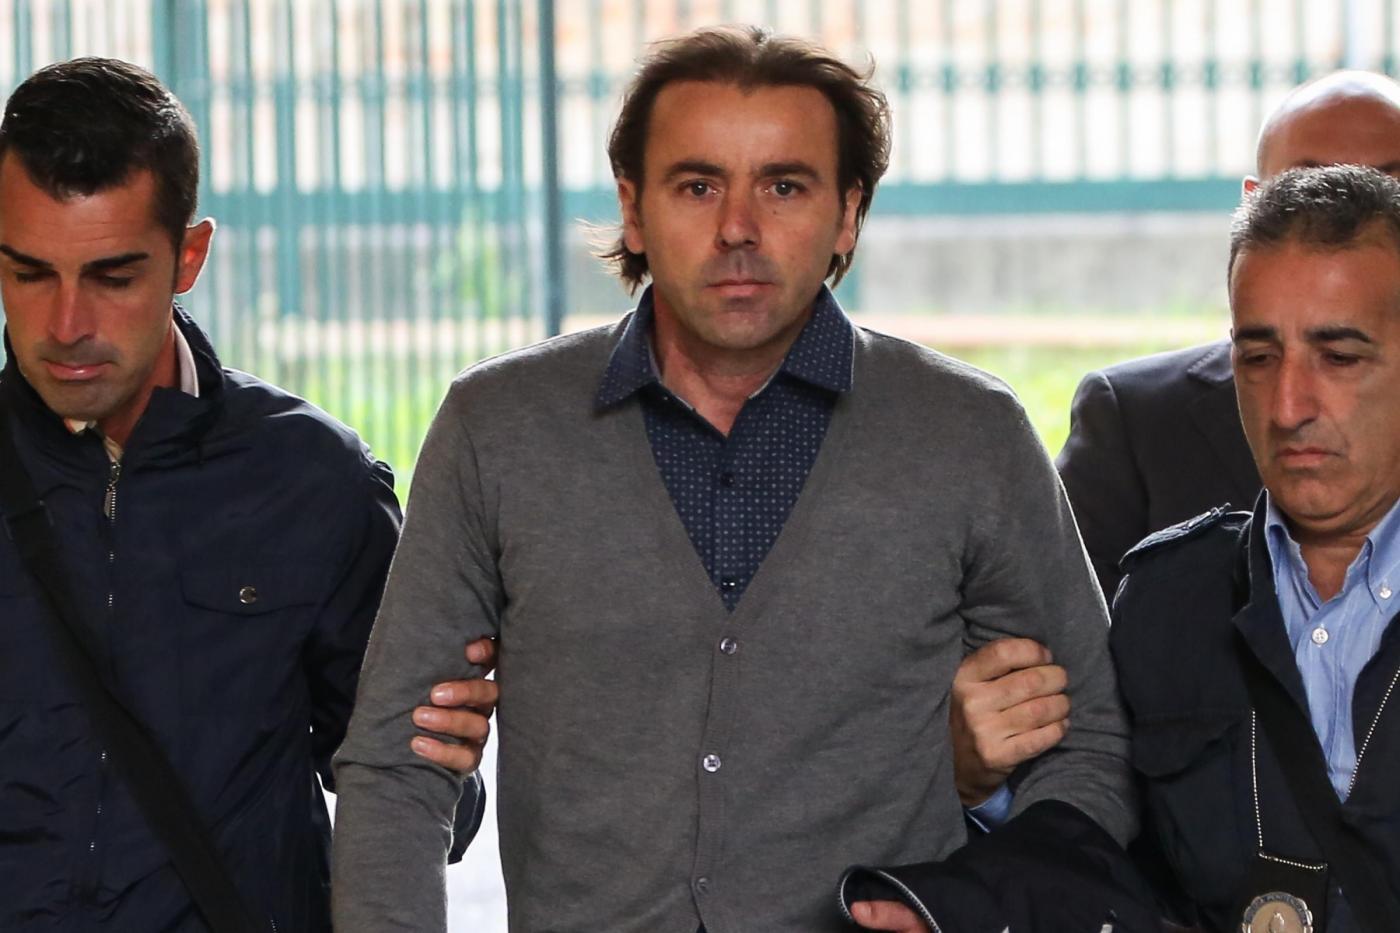 Omicidio Elena Ceste: Michele Buoninconti colpevole, la Cassazione conferma la condanna a 30 anni